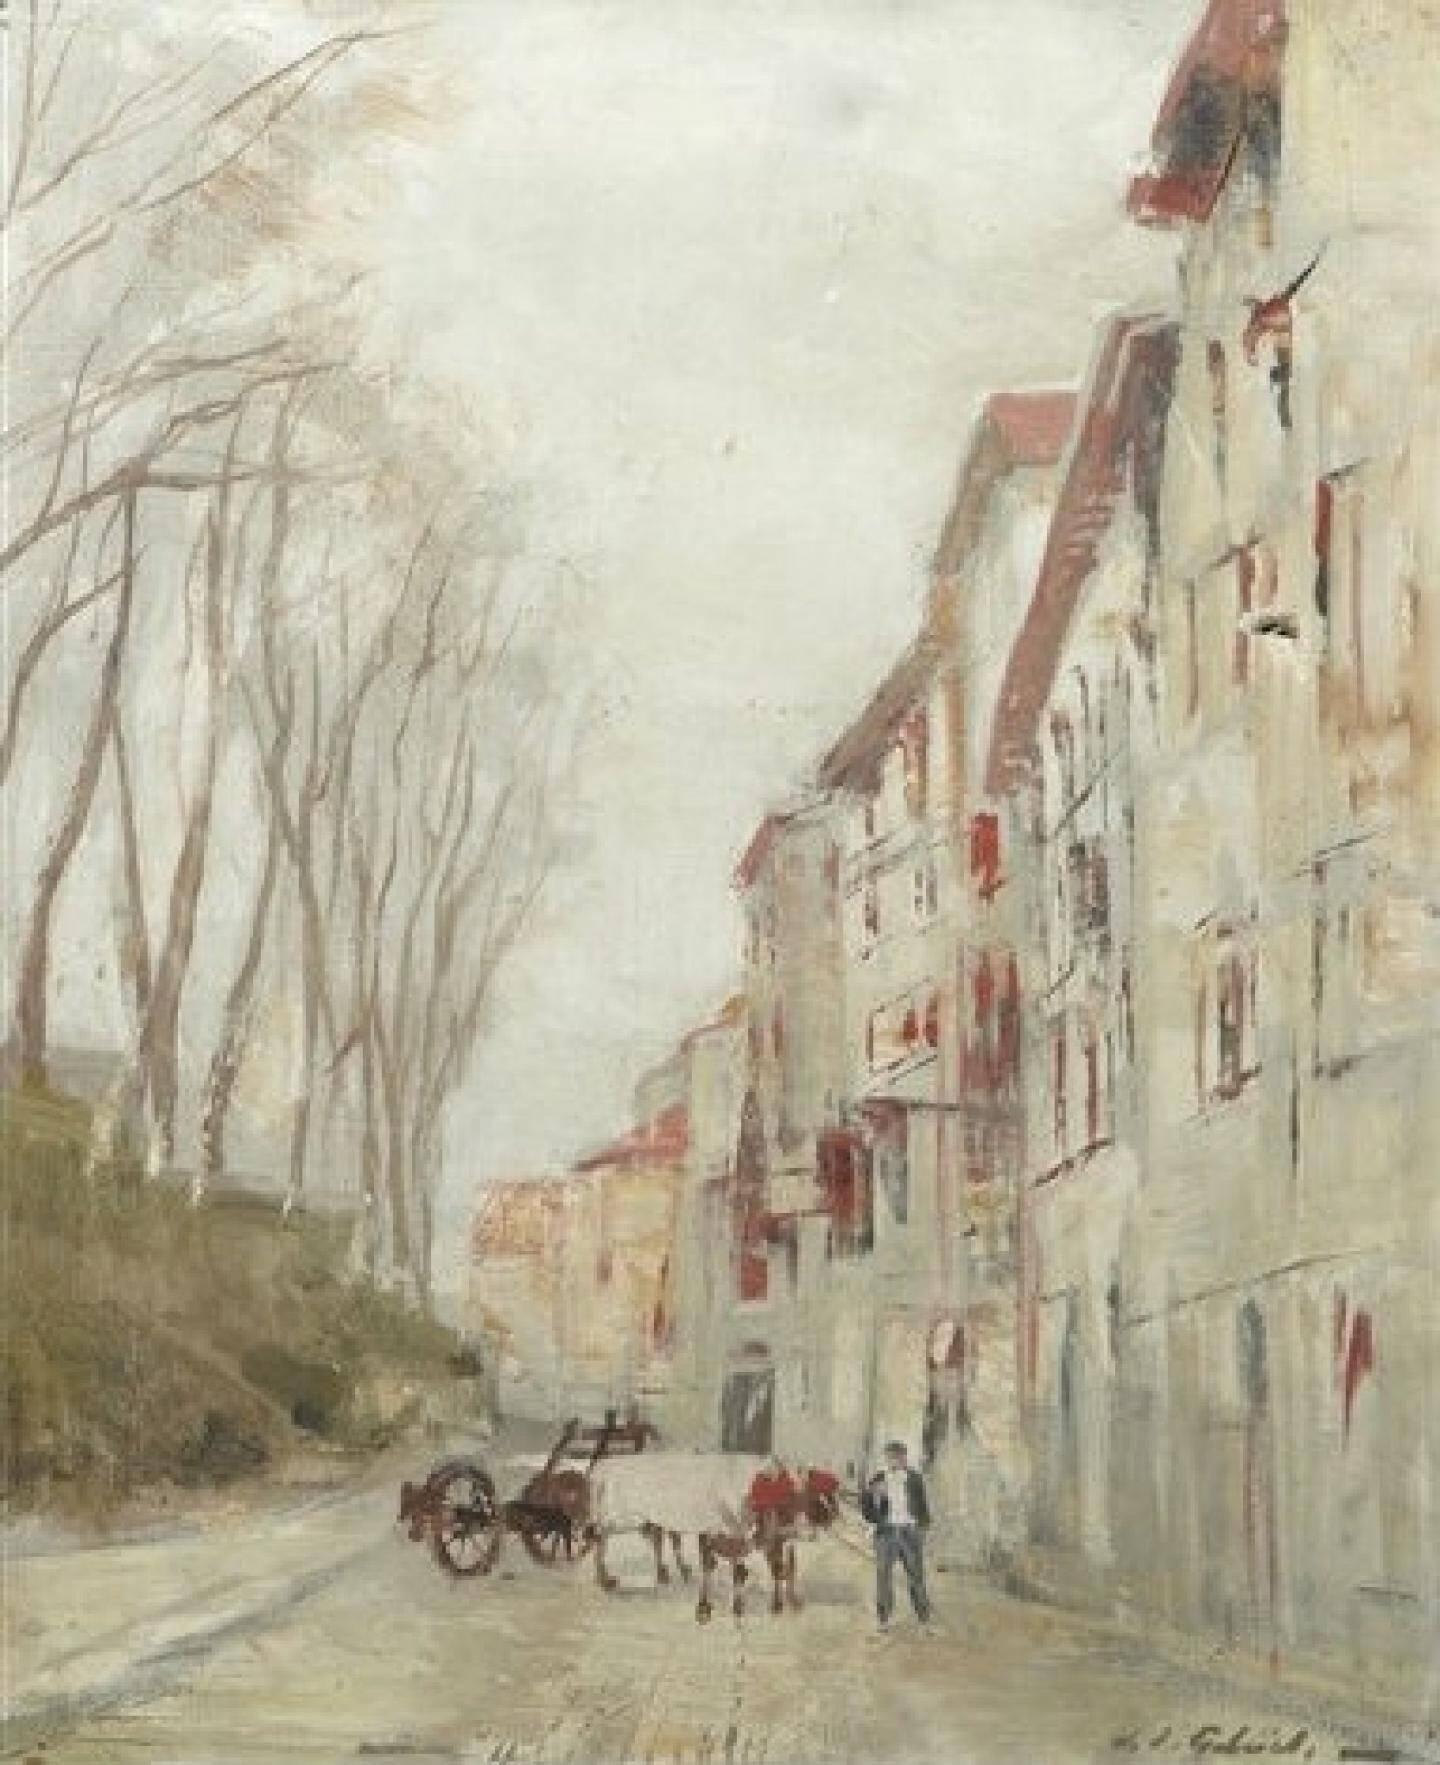 Un peintre impressionniste égaré dans le pay - 30553646.jpg